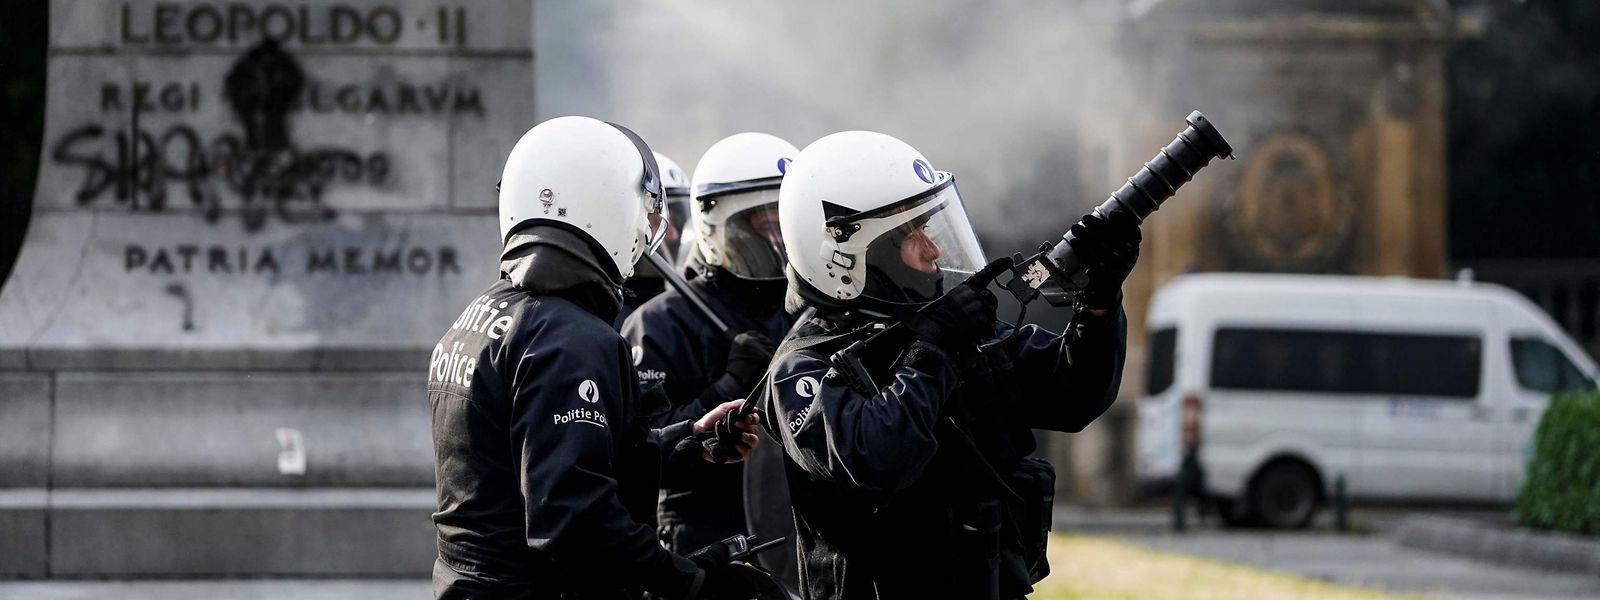 A Bruxelles, la police anti-émeutes tente de repousser des manifestants s'avançant vers une statue de Léopold II.